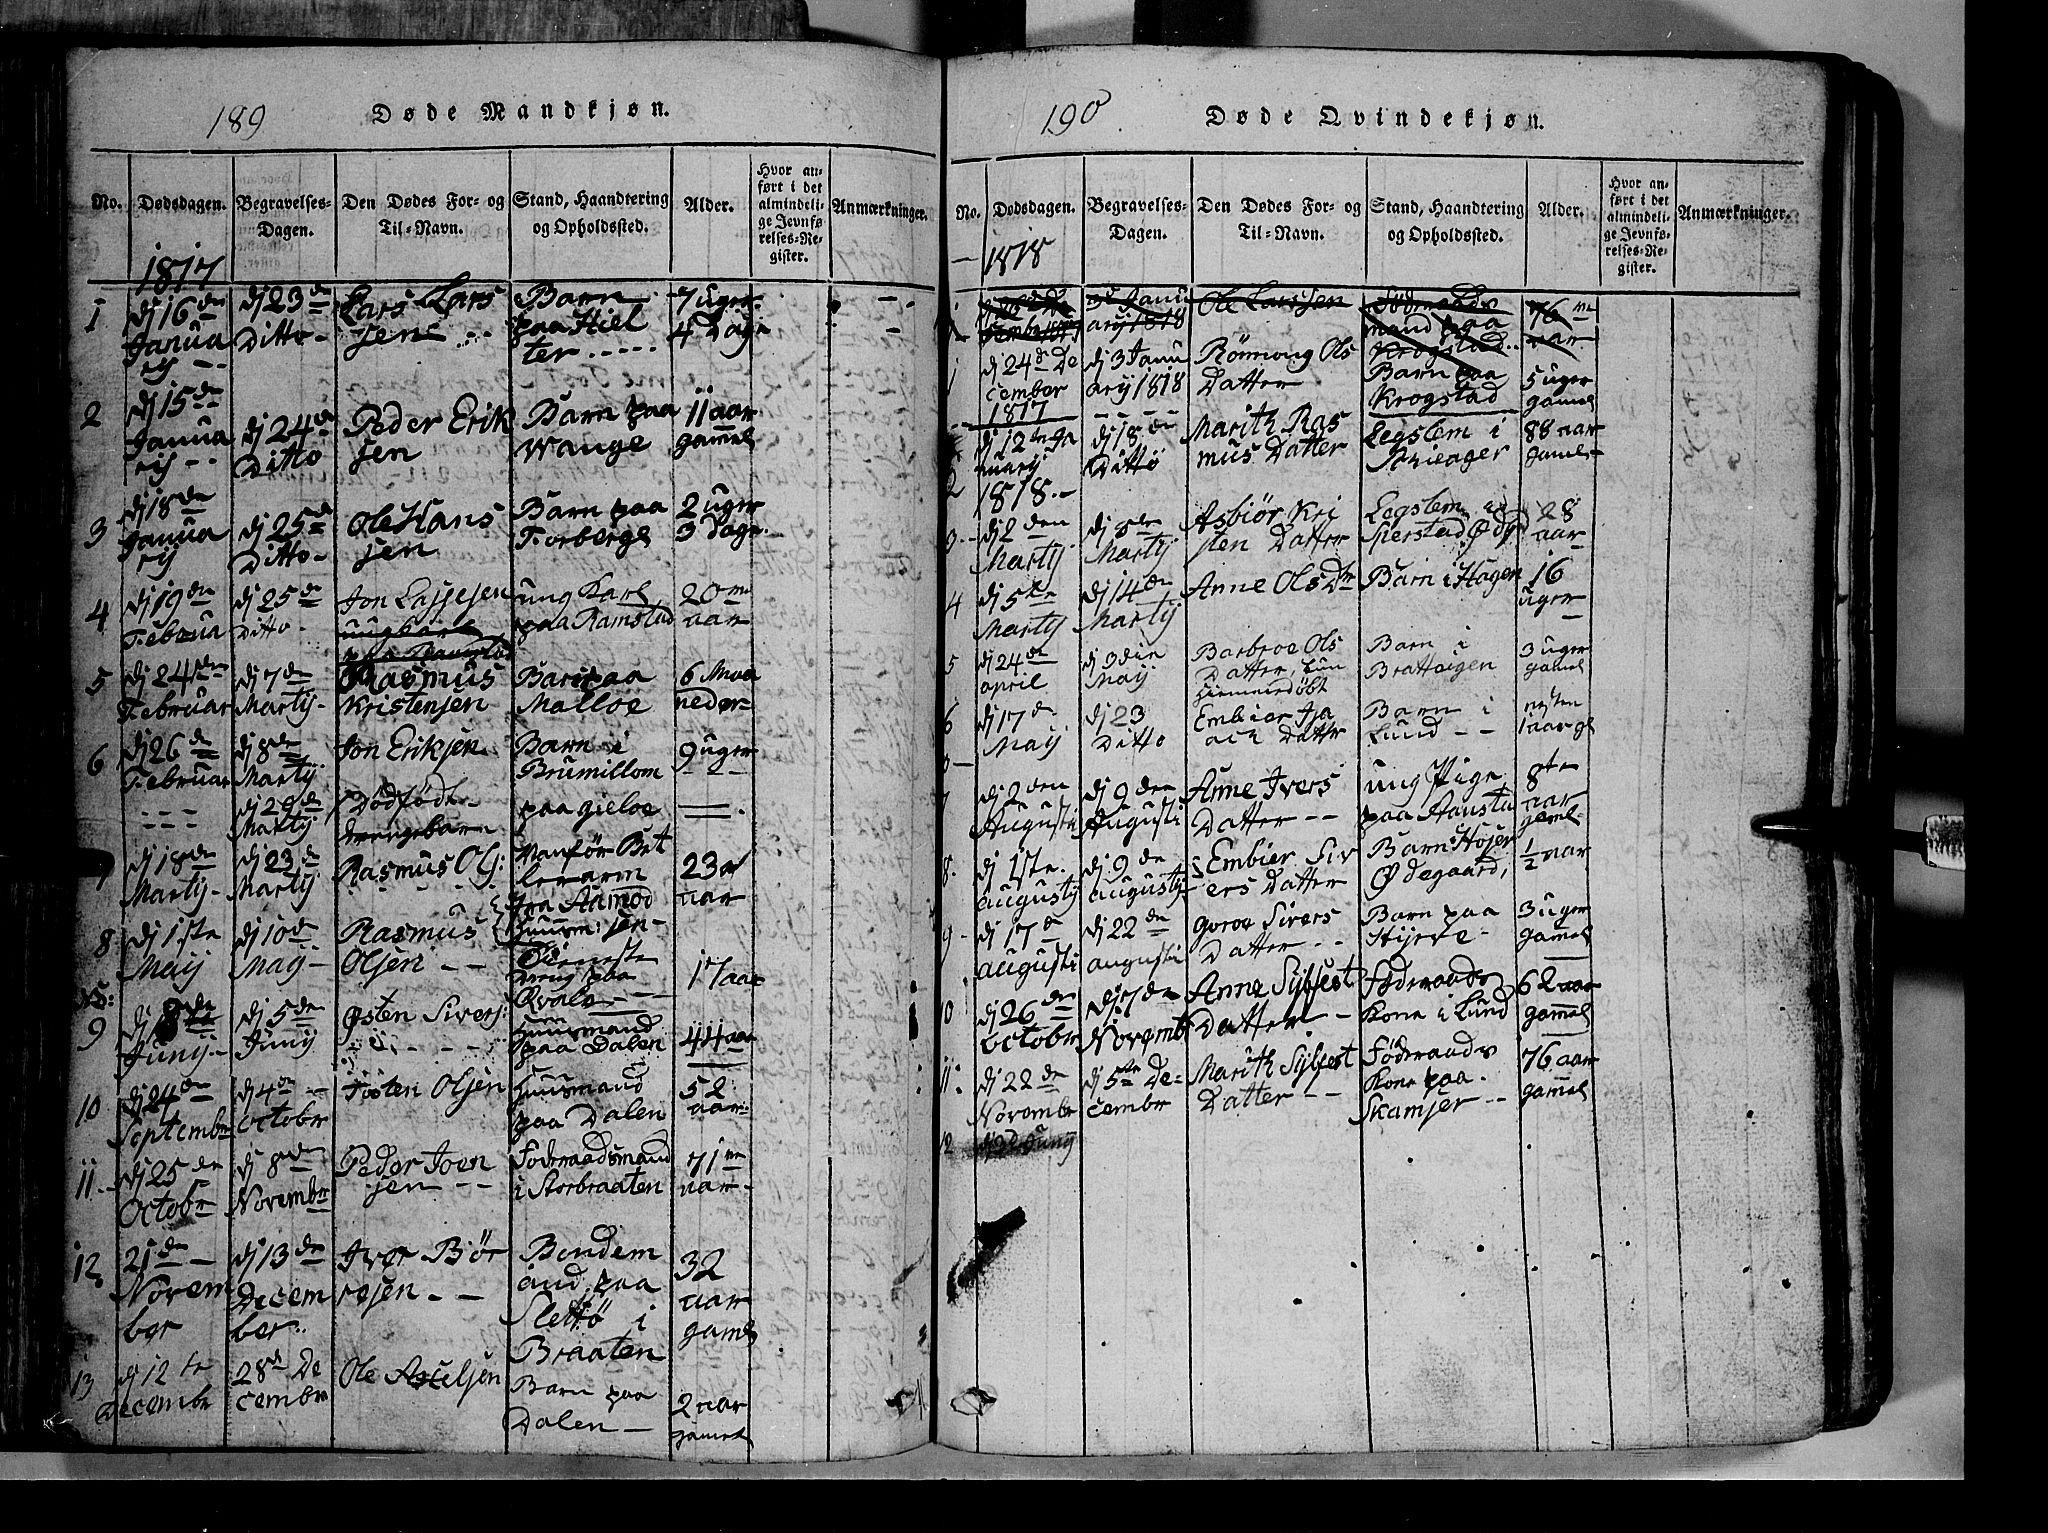 SAH, Lom prestekontor, L/L0003: Klokkerbok nr. 3, 1815-1844, s. 189-190